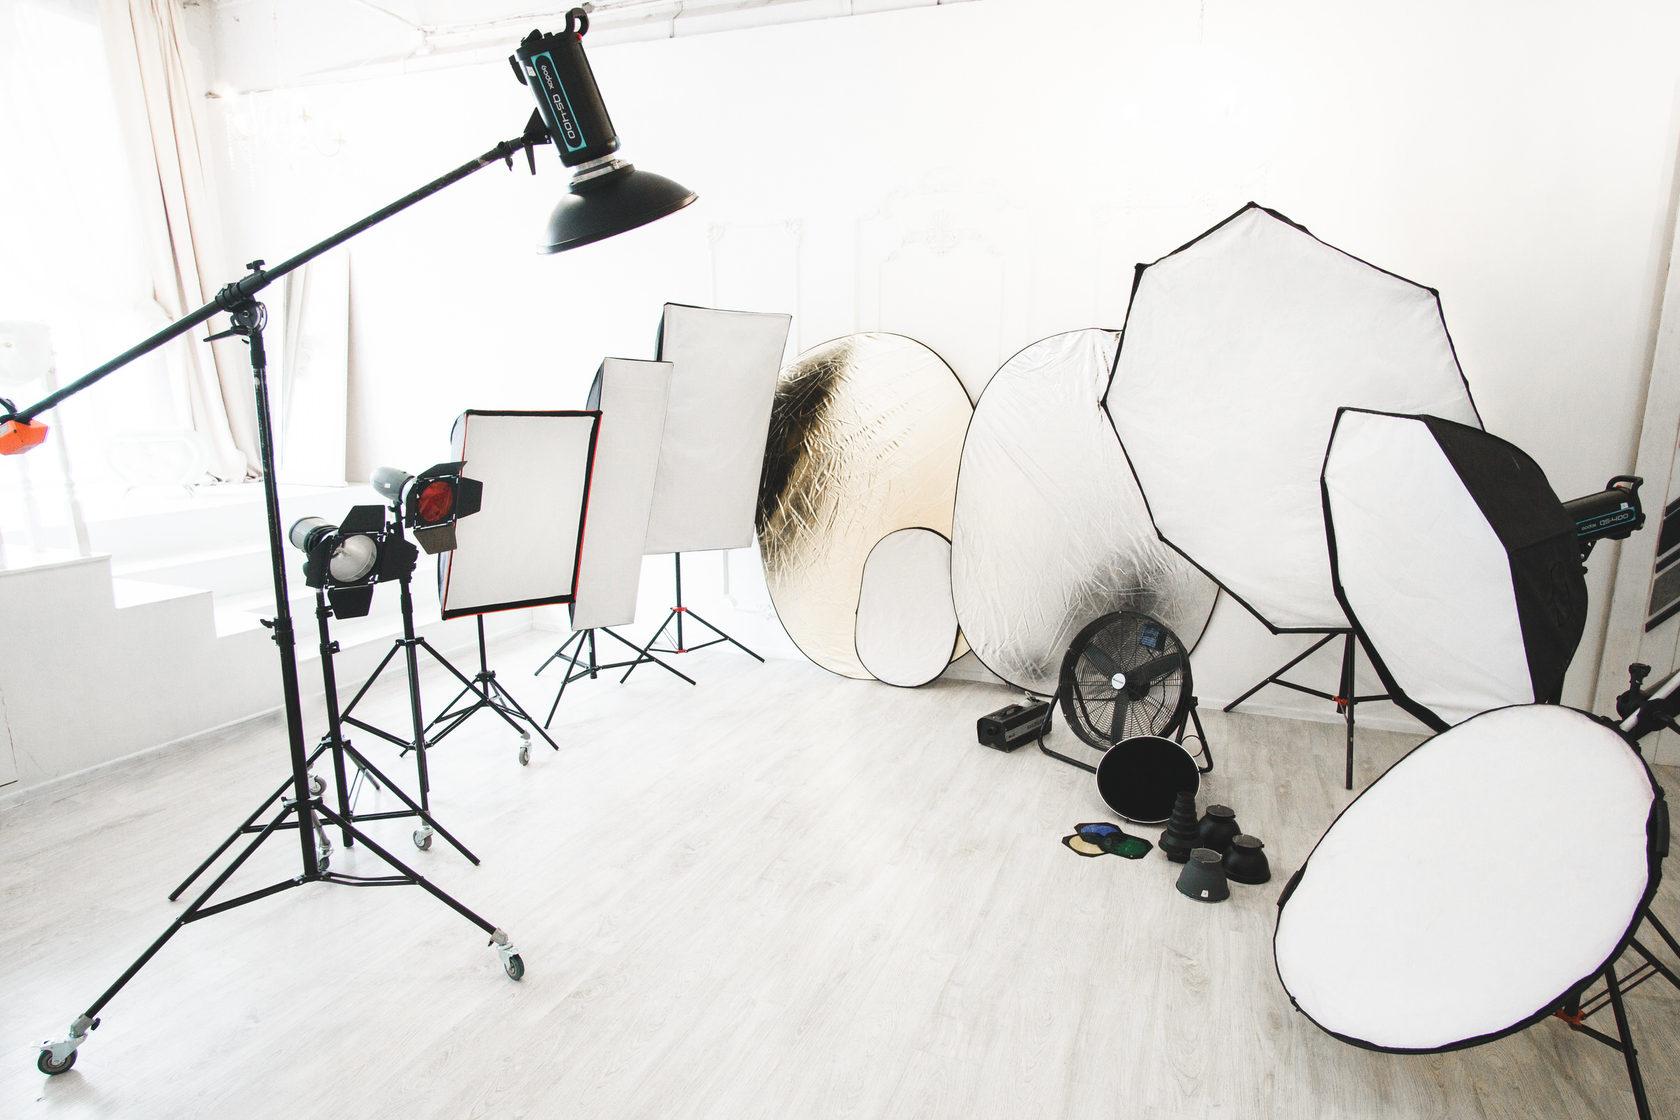 Курсы фотографа для начинающих тверь модели